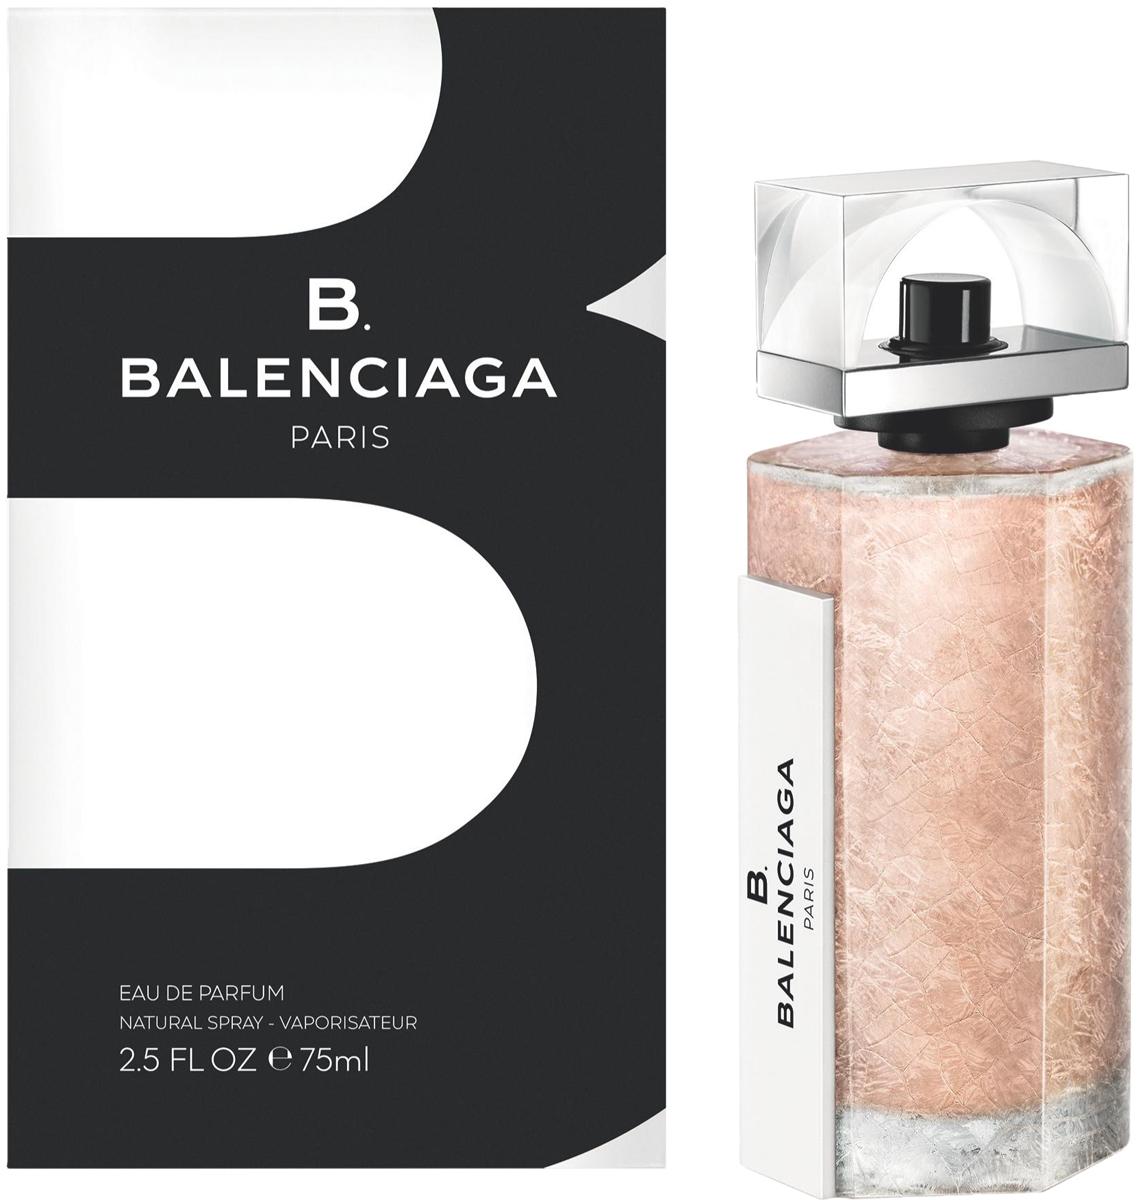 Balenciaga B. Парфюмерная вода женская, 75 мл